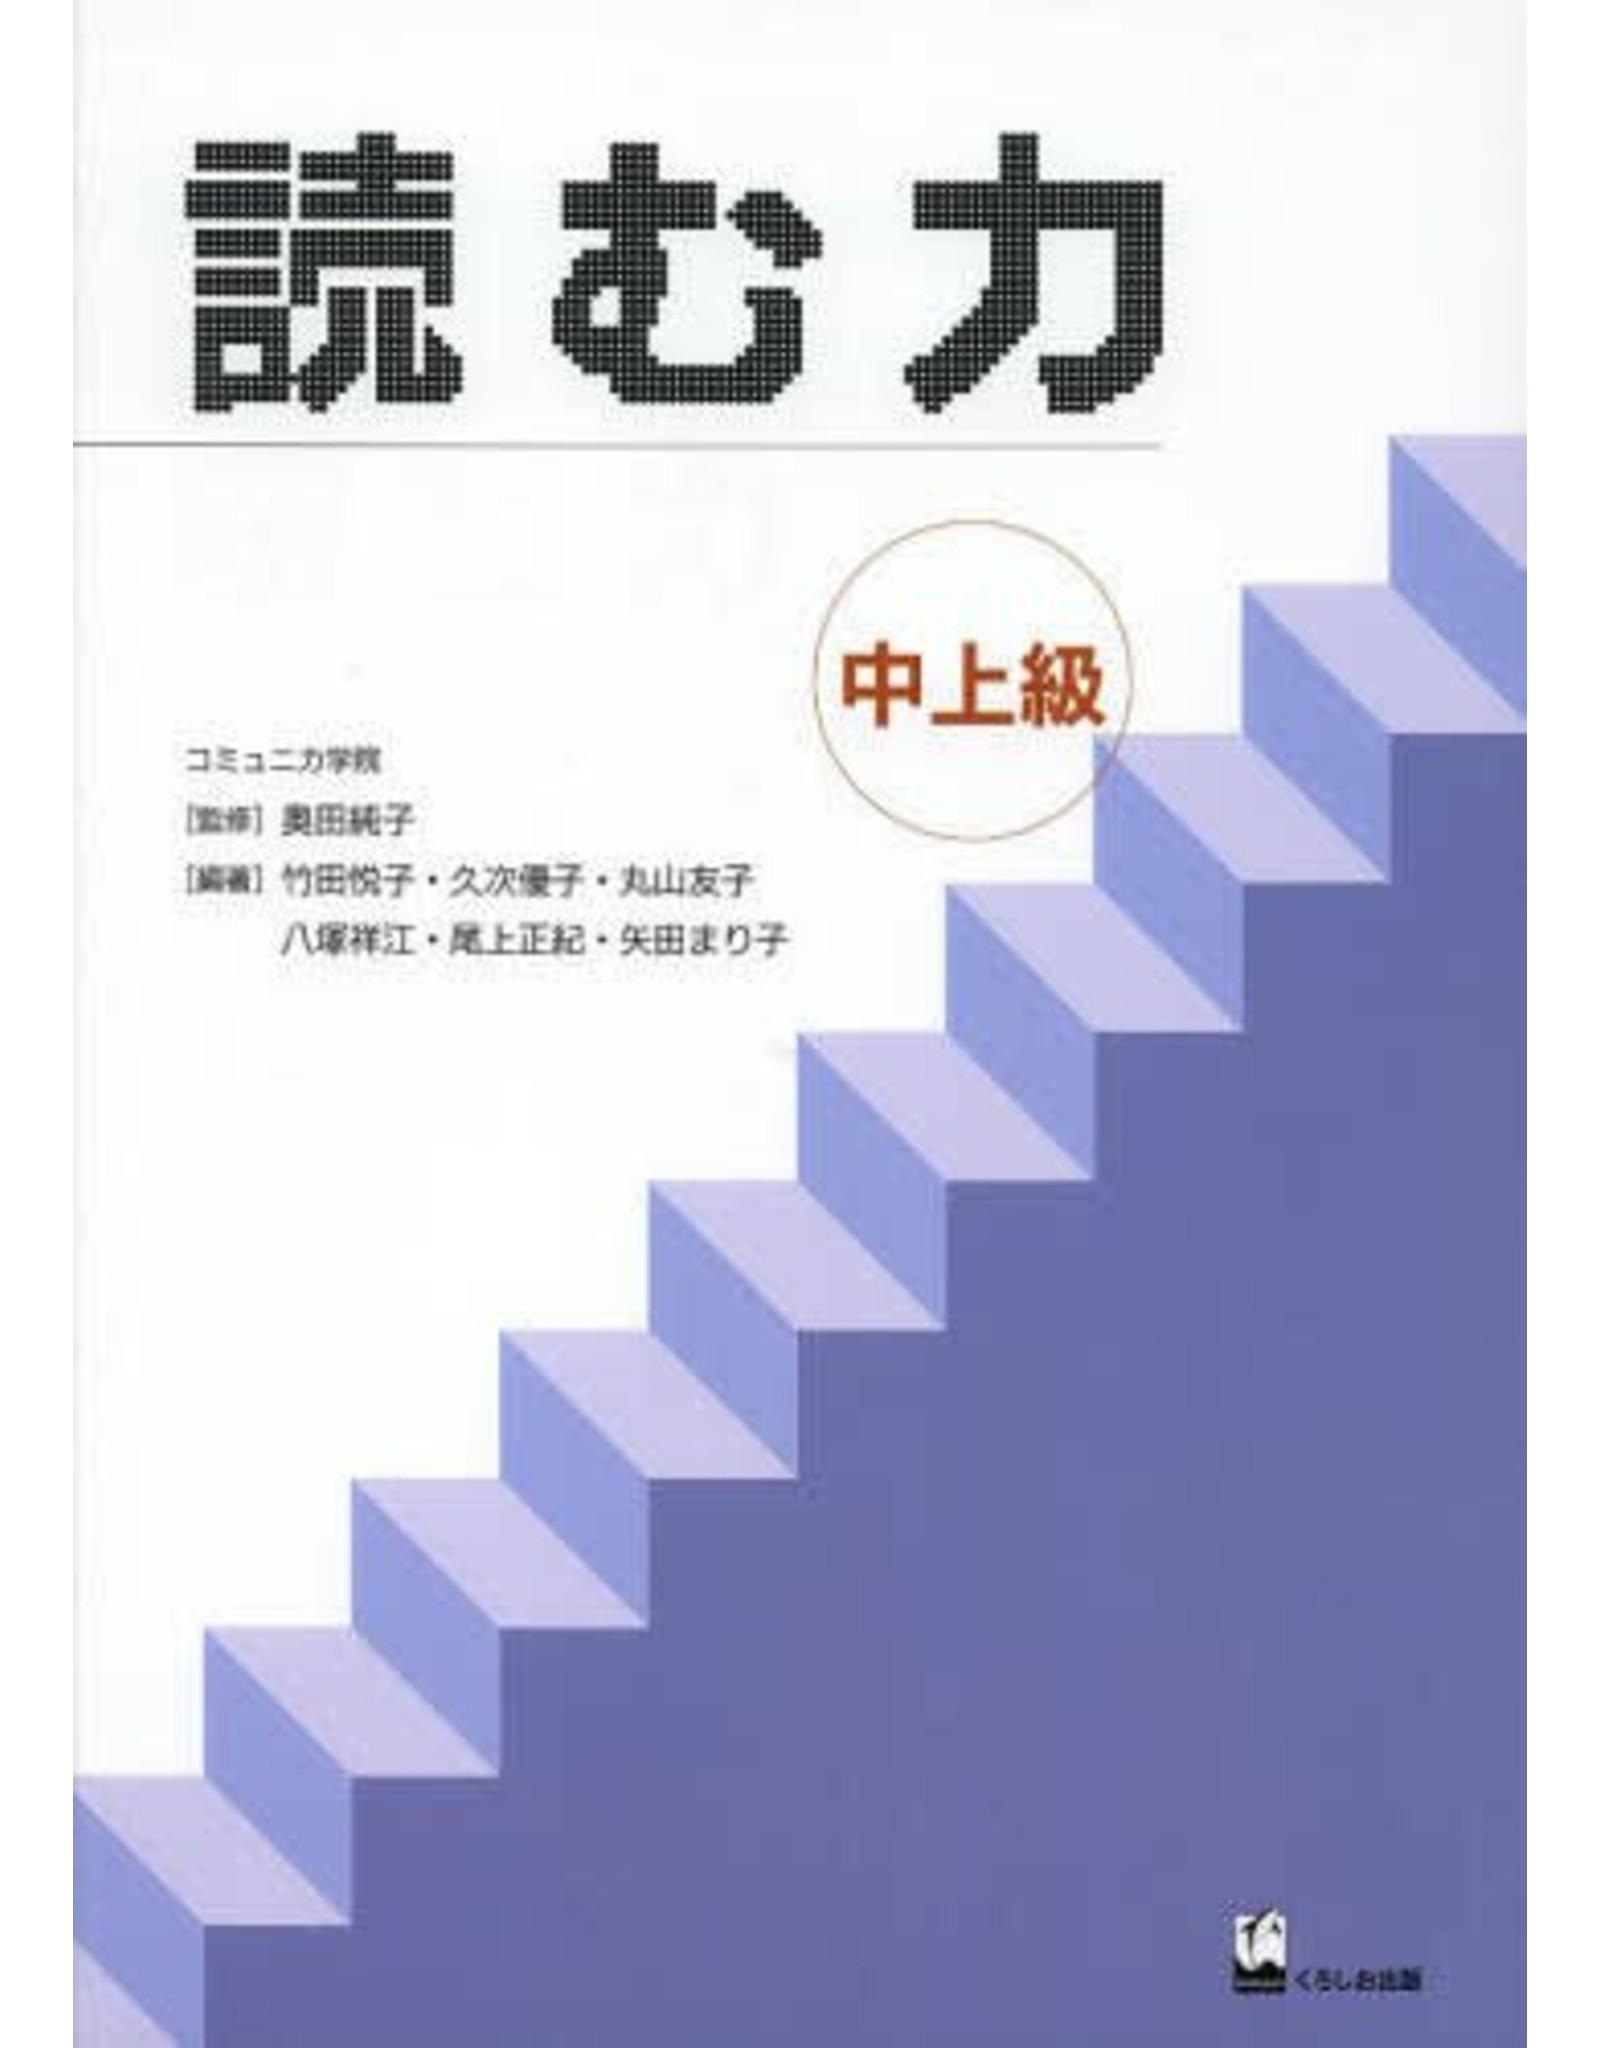 KUROSHIO YOMU CHIKARA CHUJOKYU